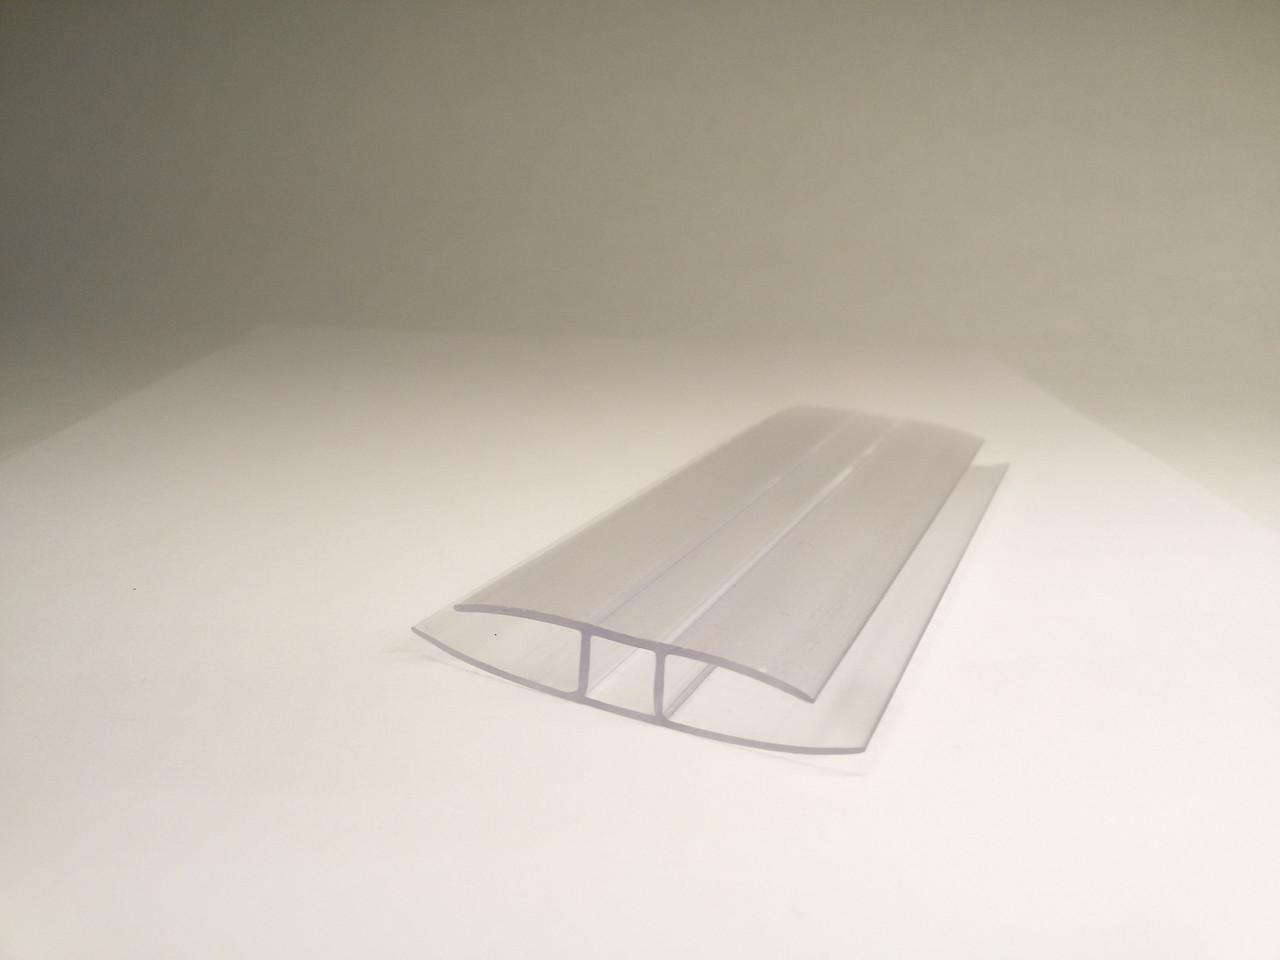 Профиль соединительный неразъемный Polyarc 4мм  прозрачный